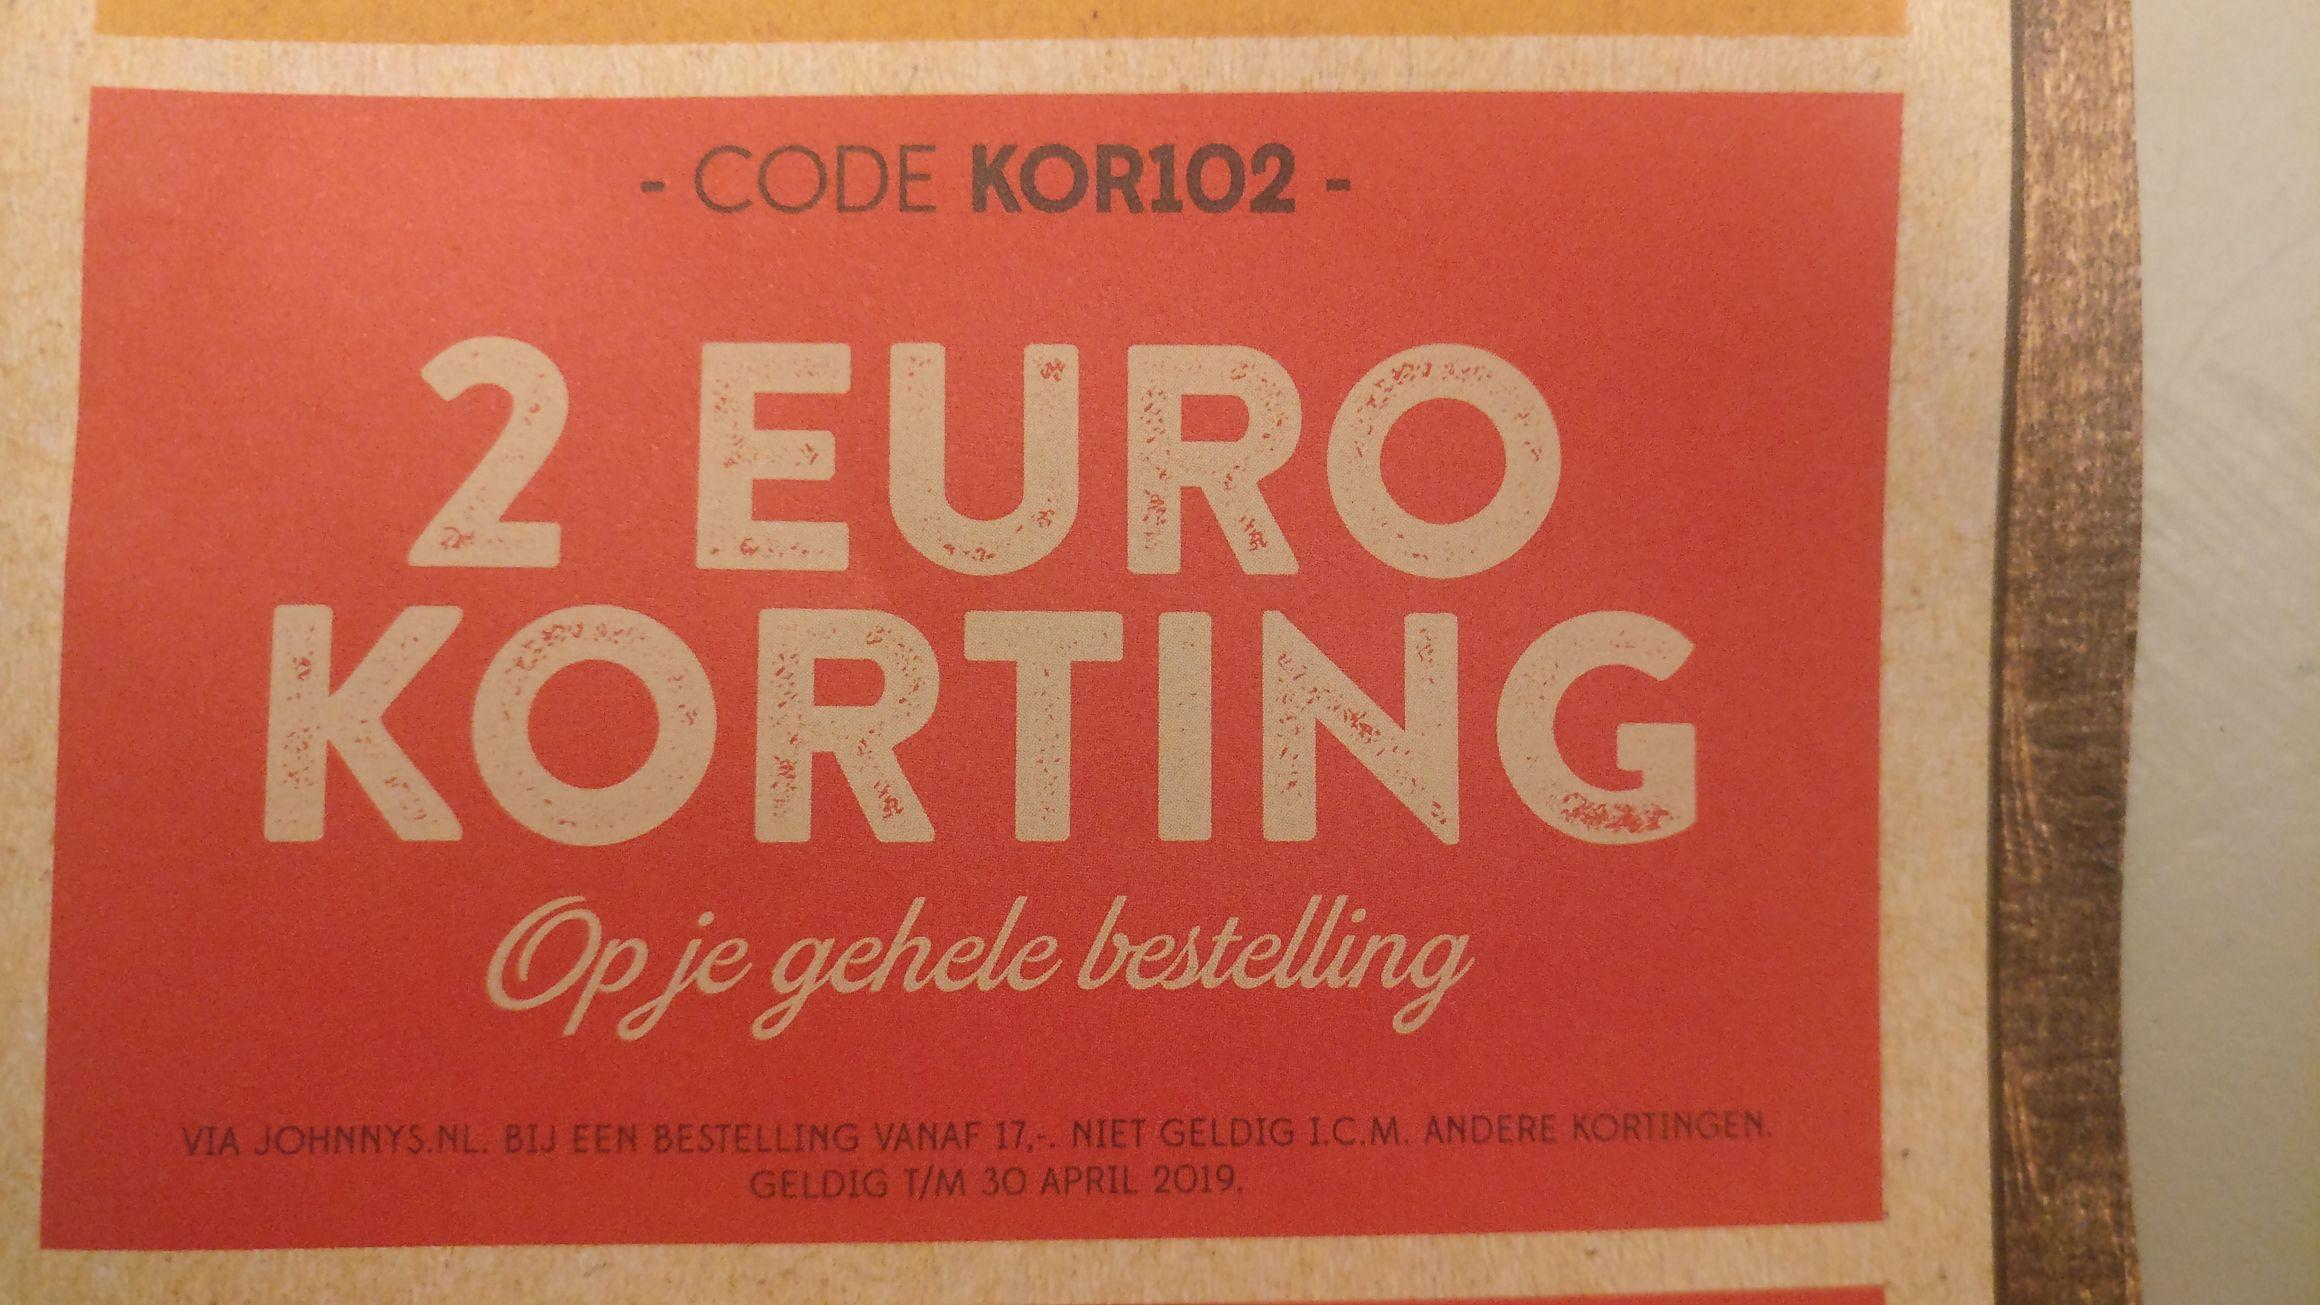 Johnnys burger - 2 euro korting op gehele bestelling